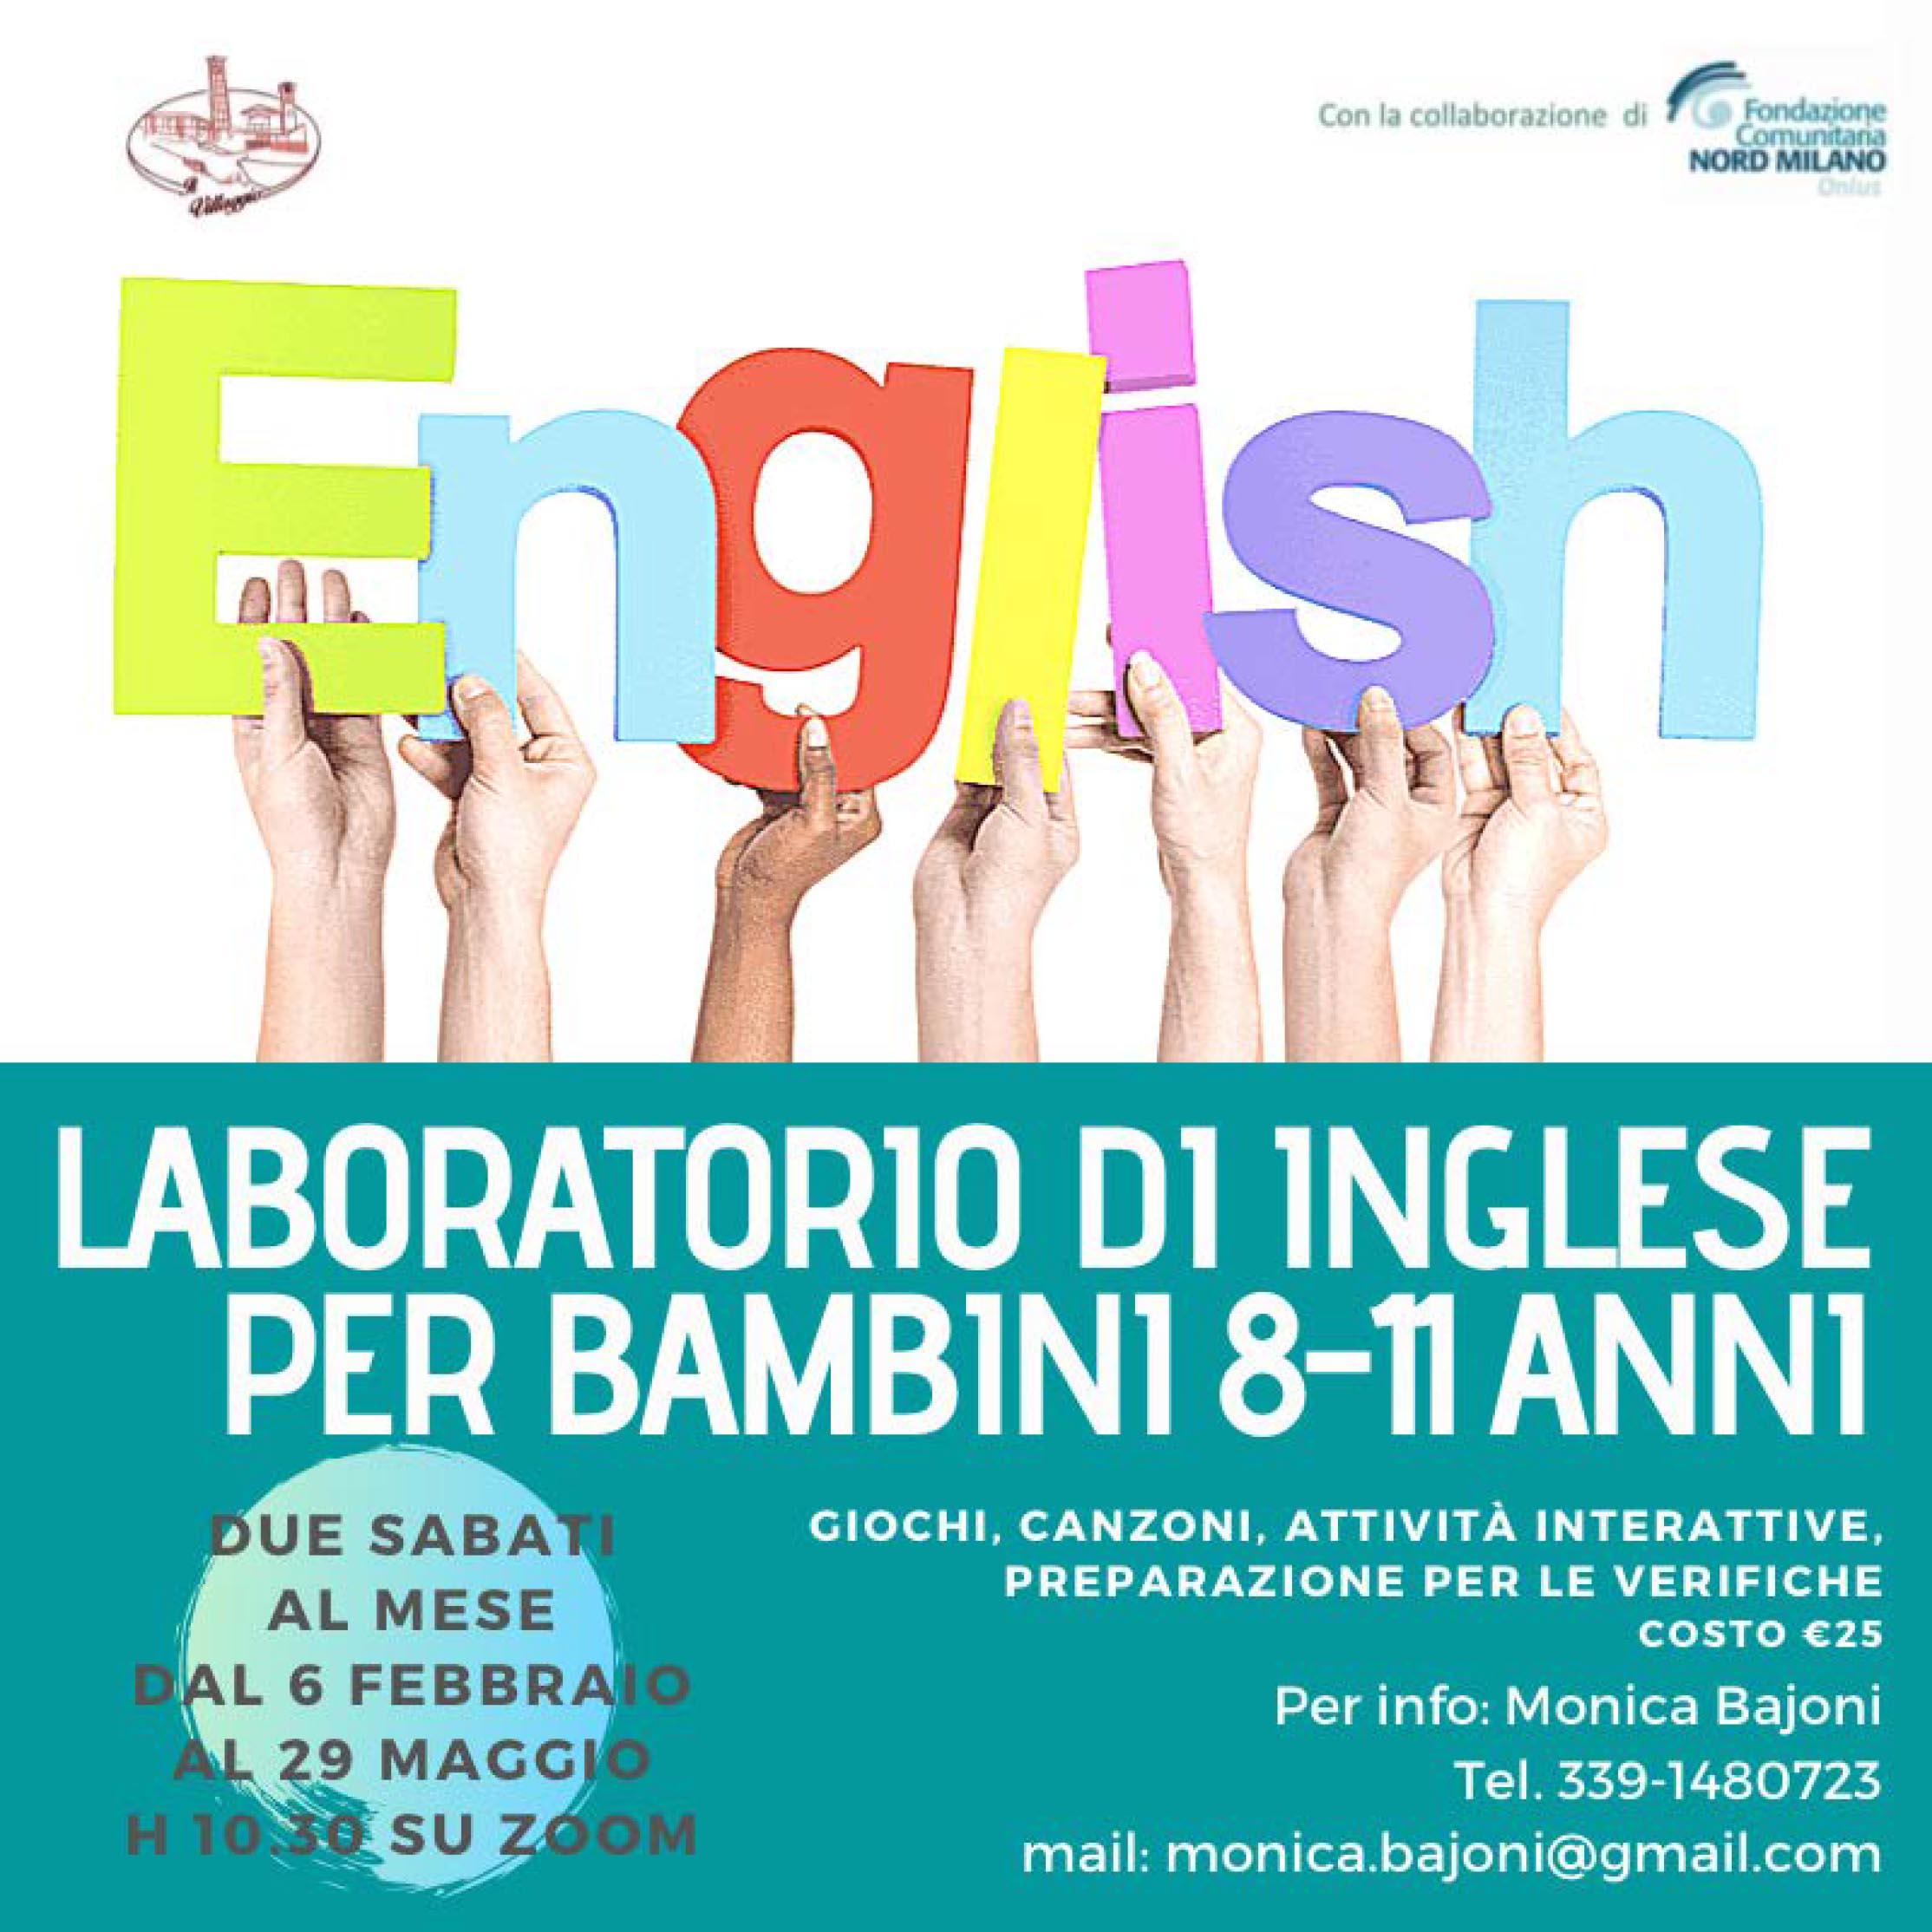 Laboratorio di inglese per bambini